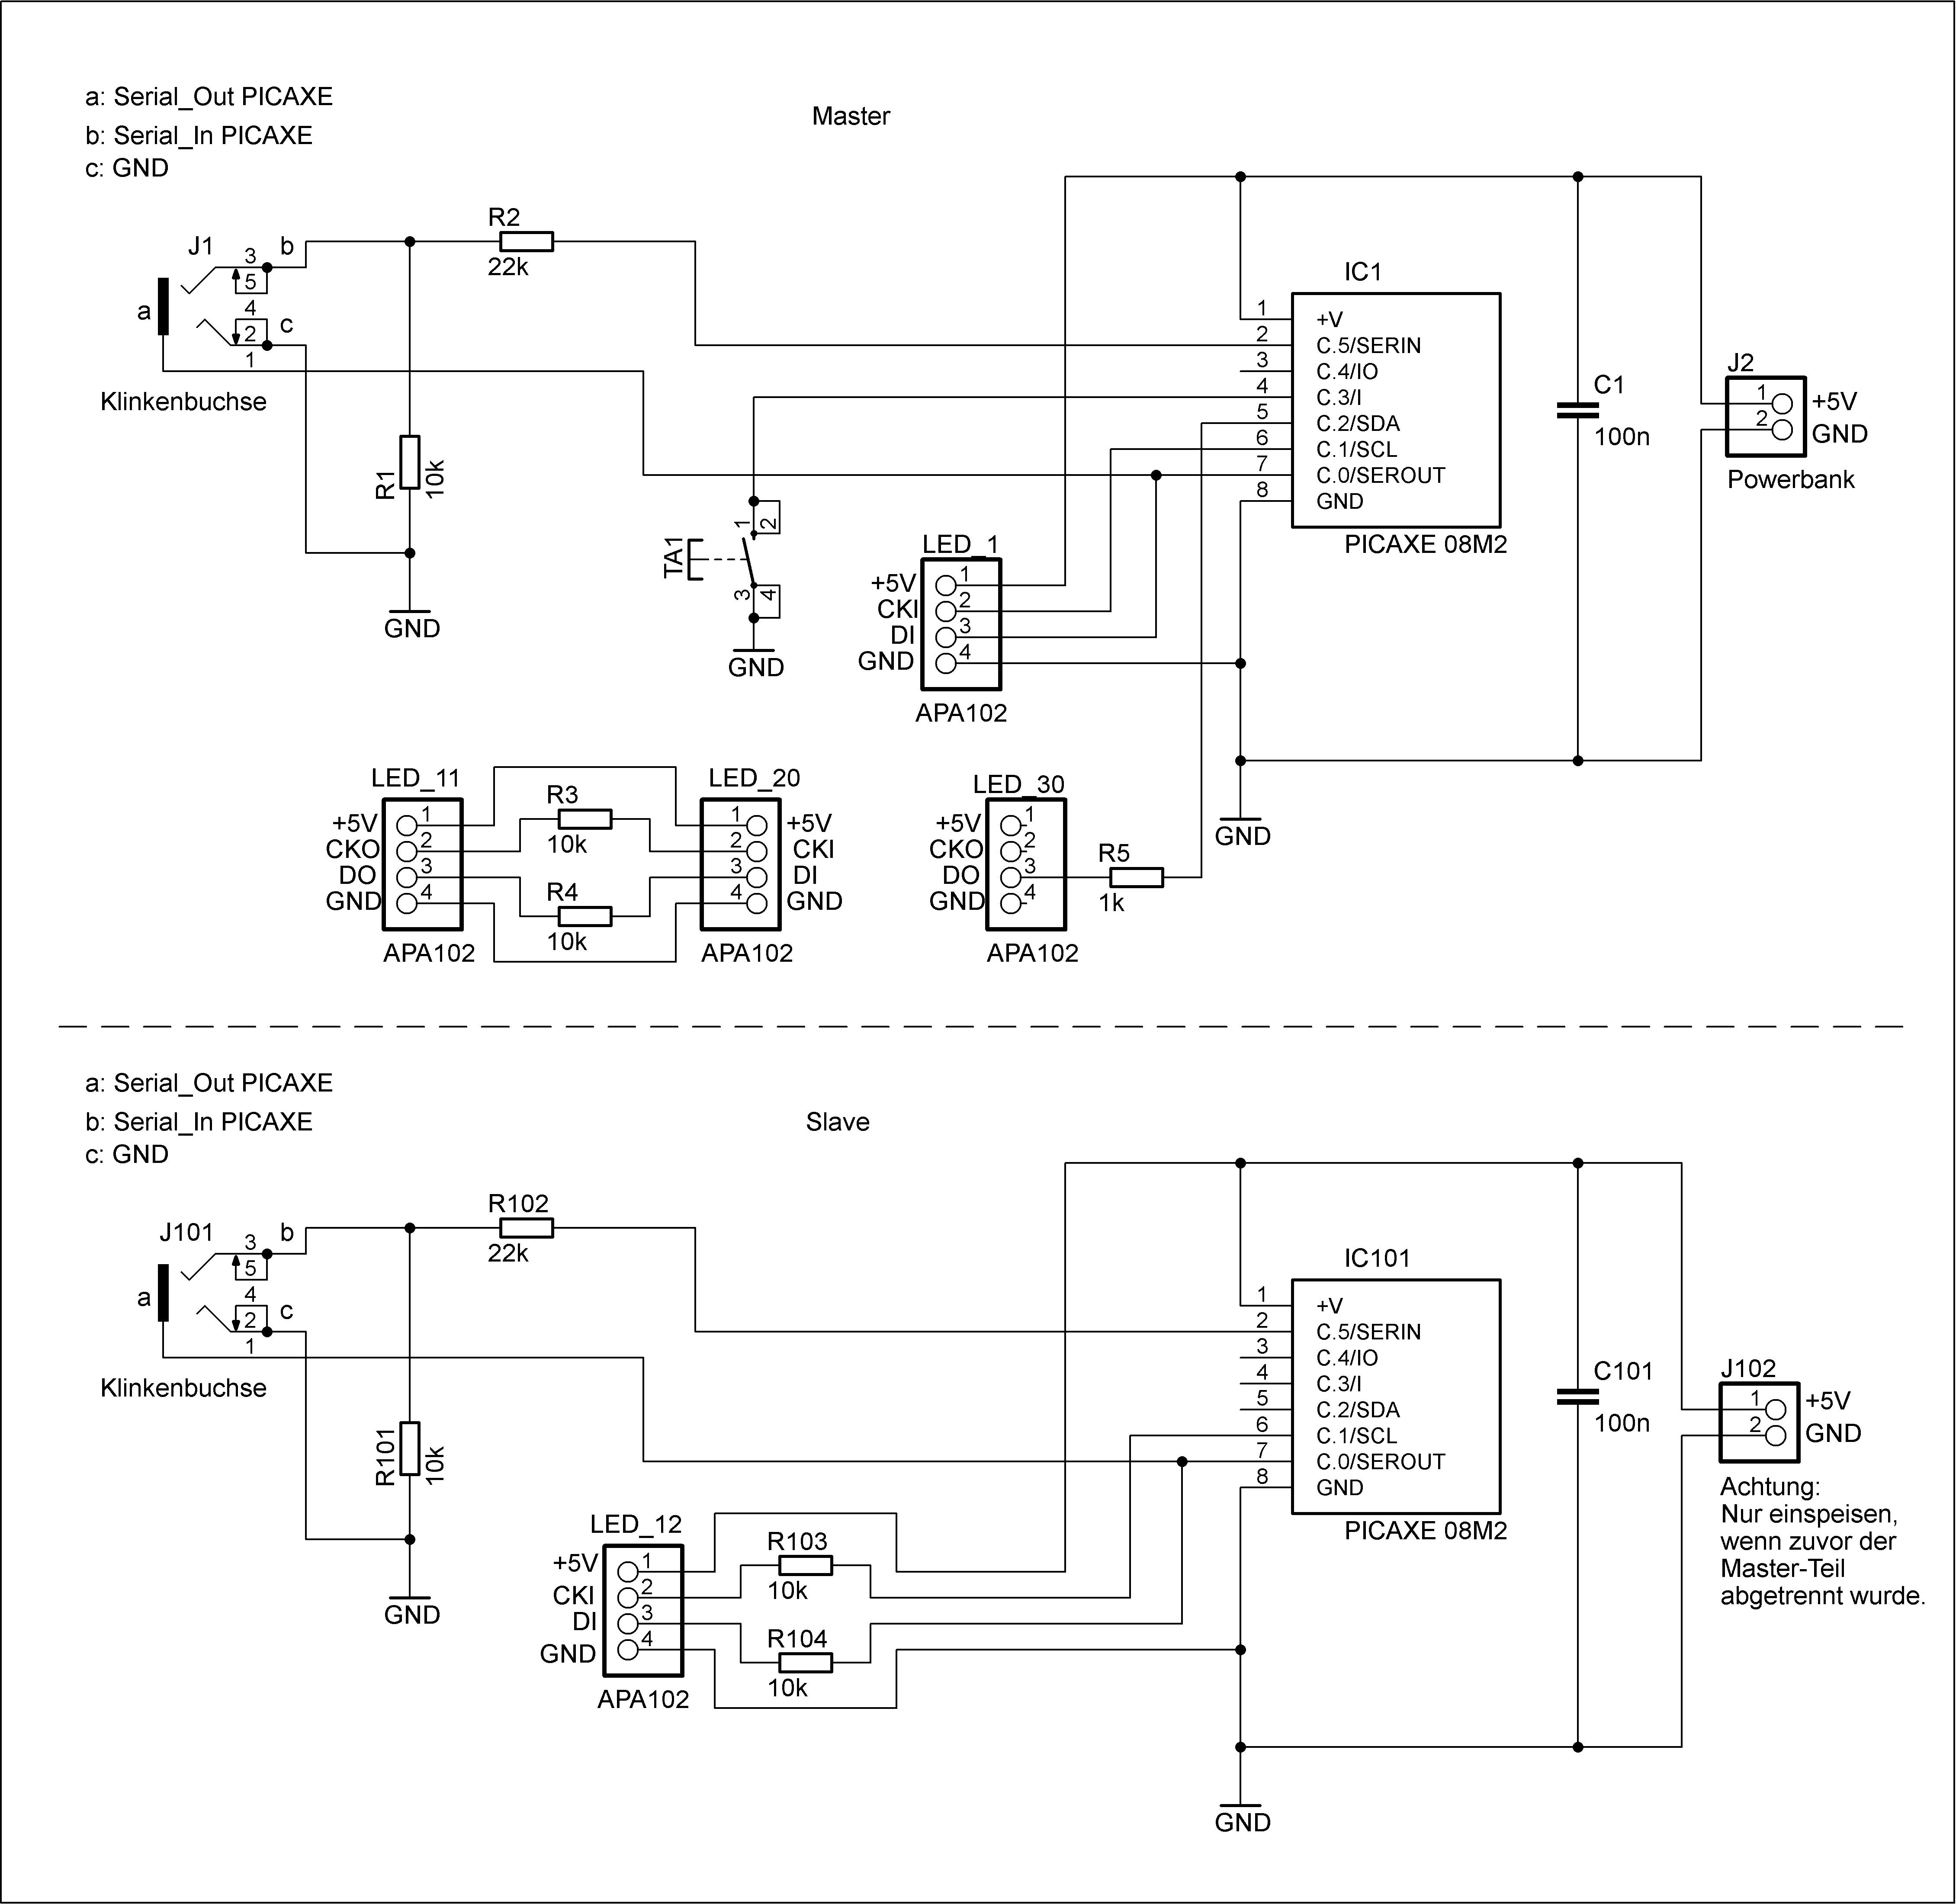 Schaltpläne des LED-Schlips